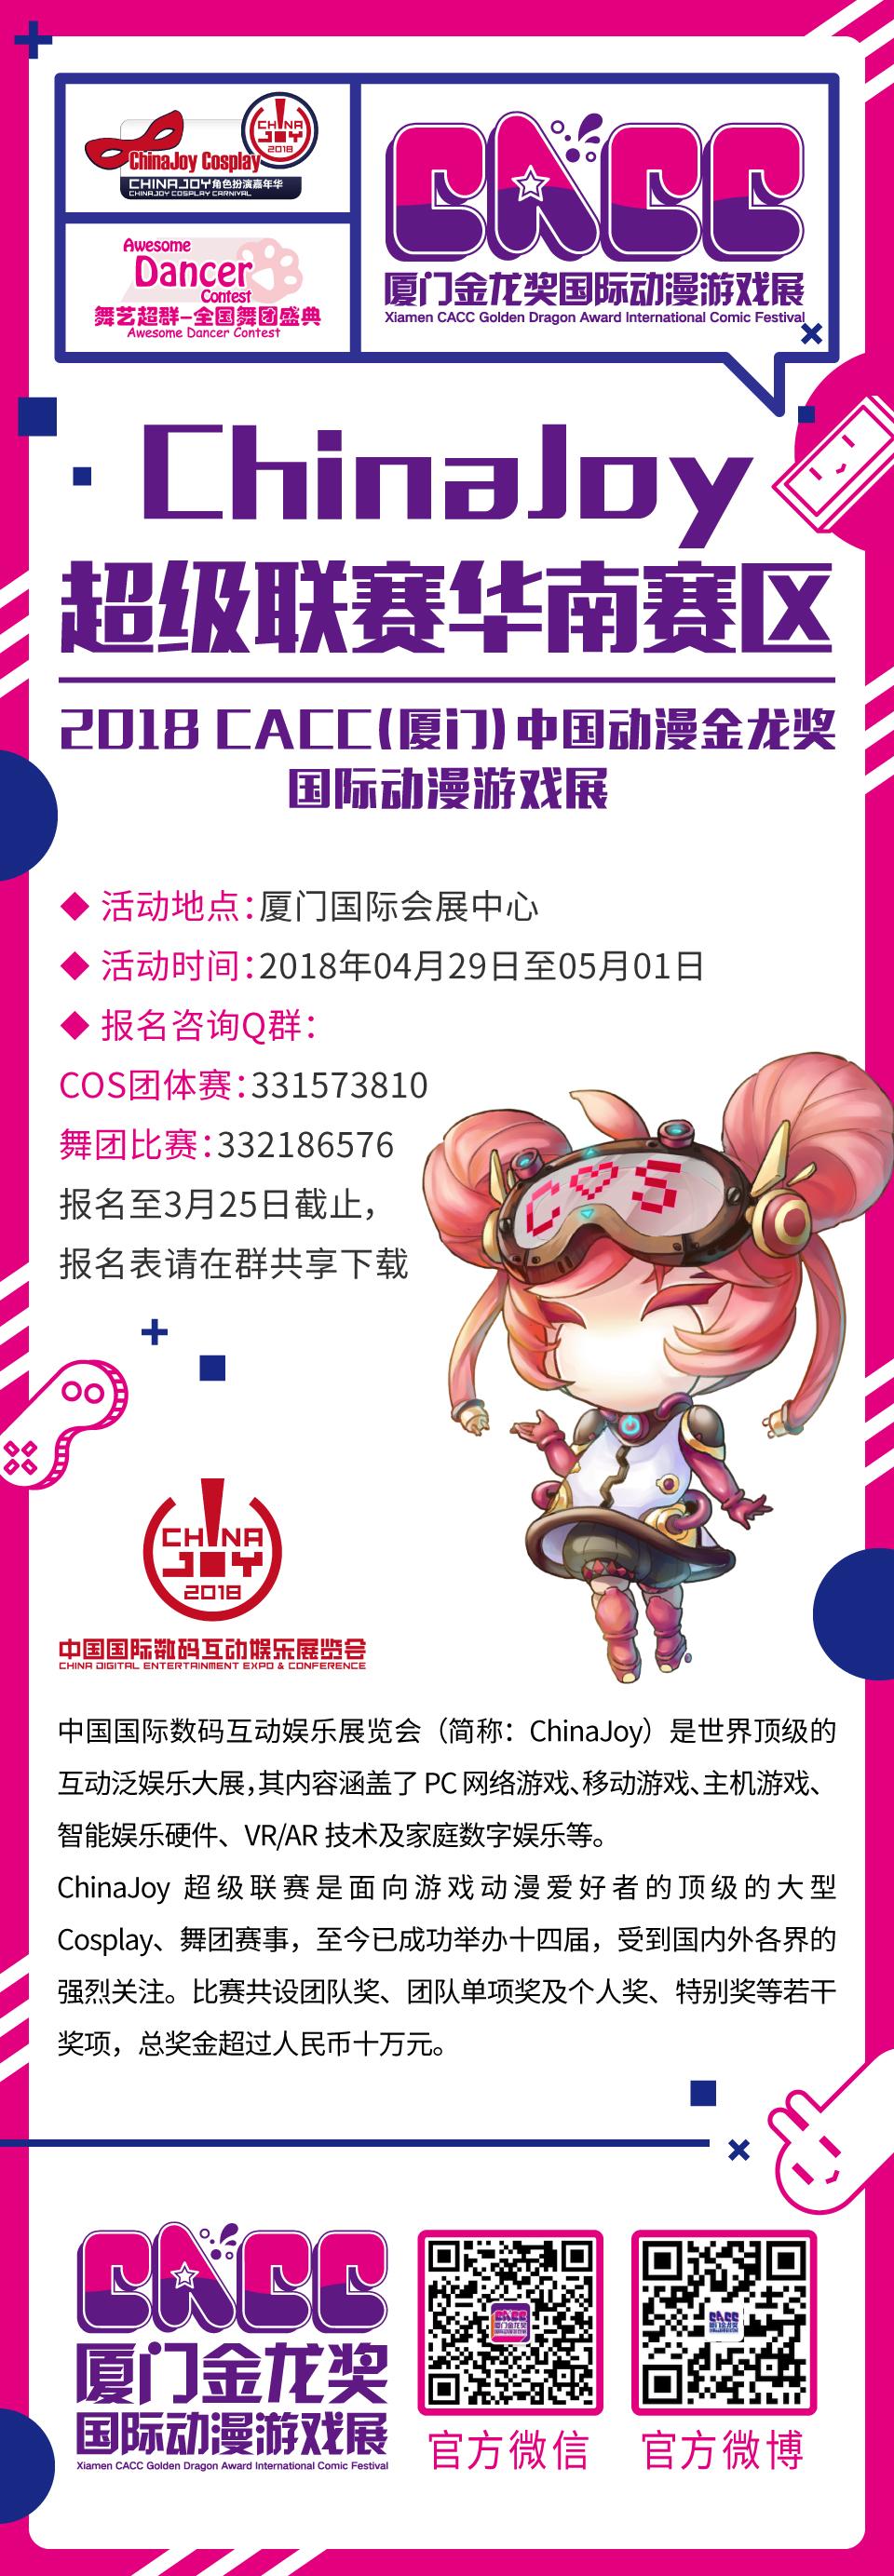 2018ChinaJoy超级联赛华南赛区选手持续招募中-ANICOGA